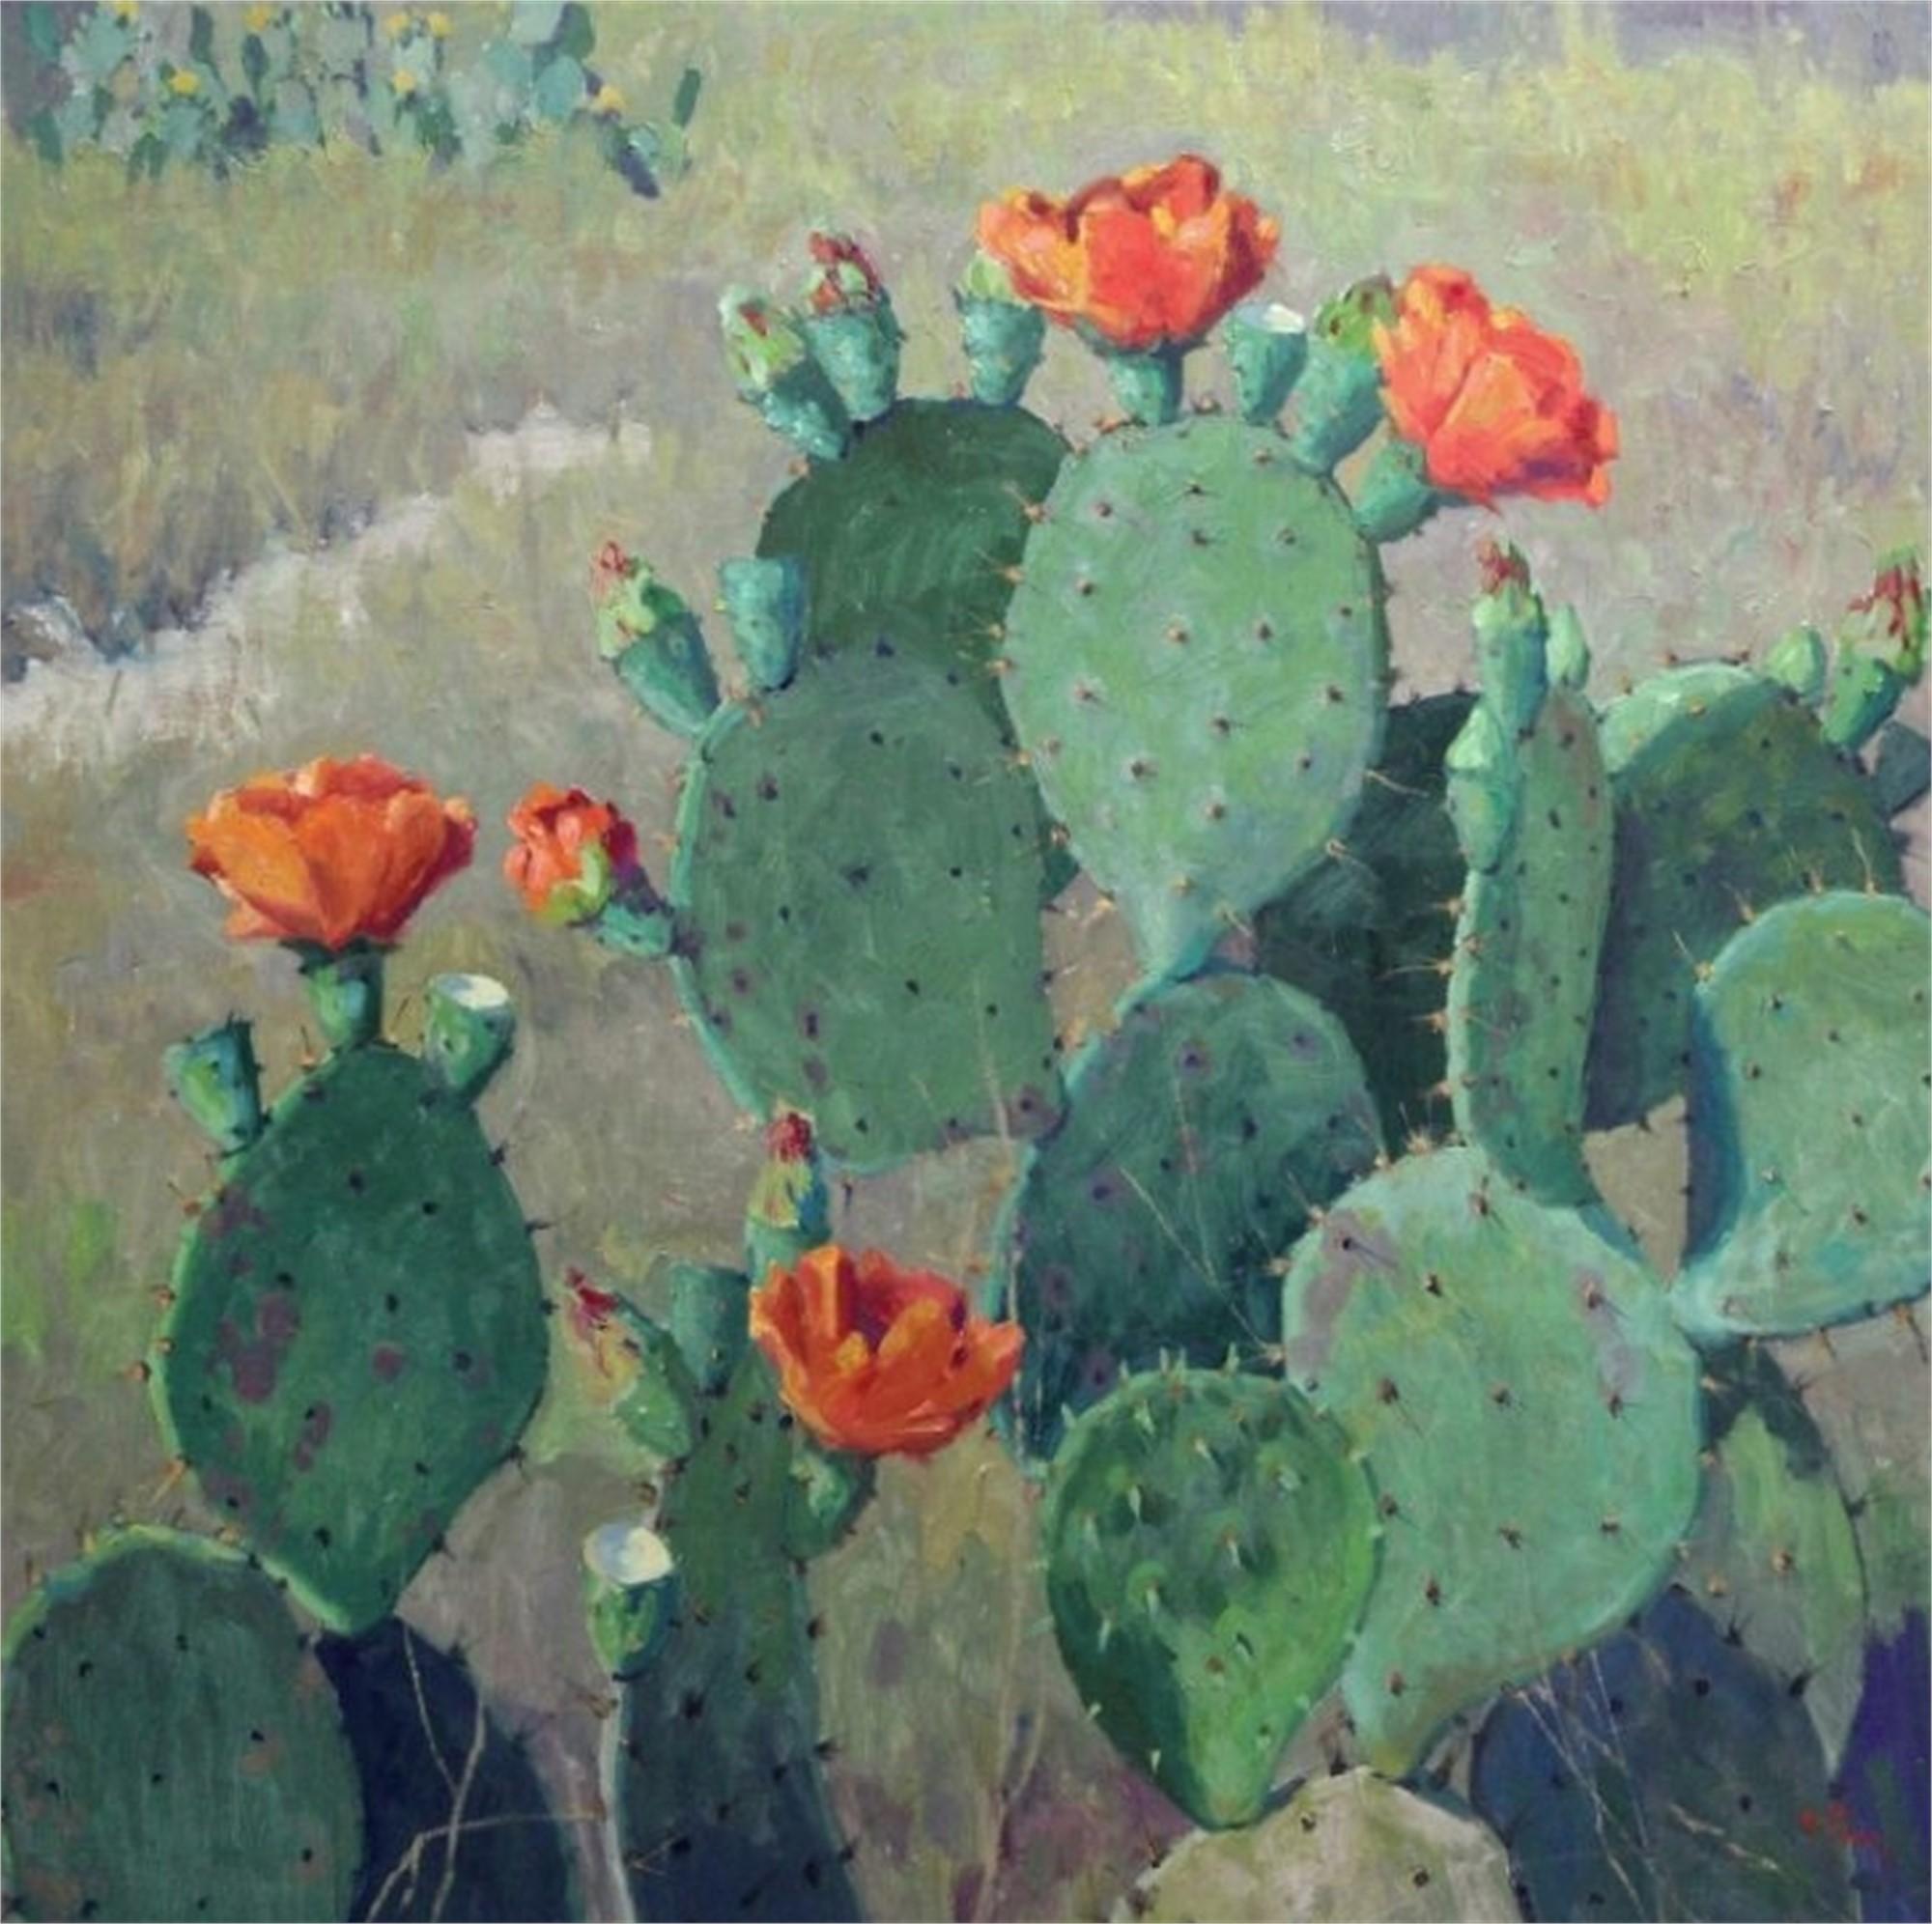 Orange Cactus Blooms by Noe Perez